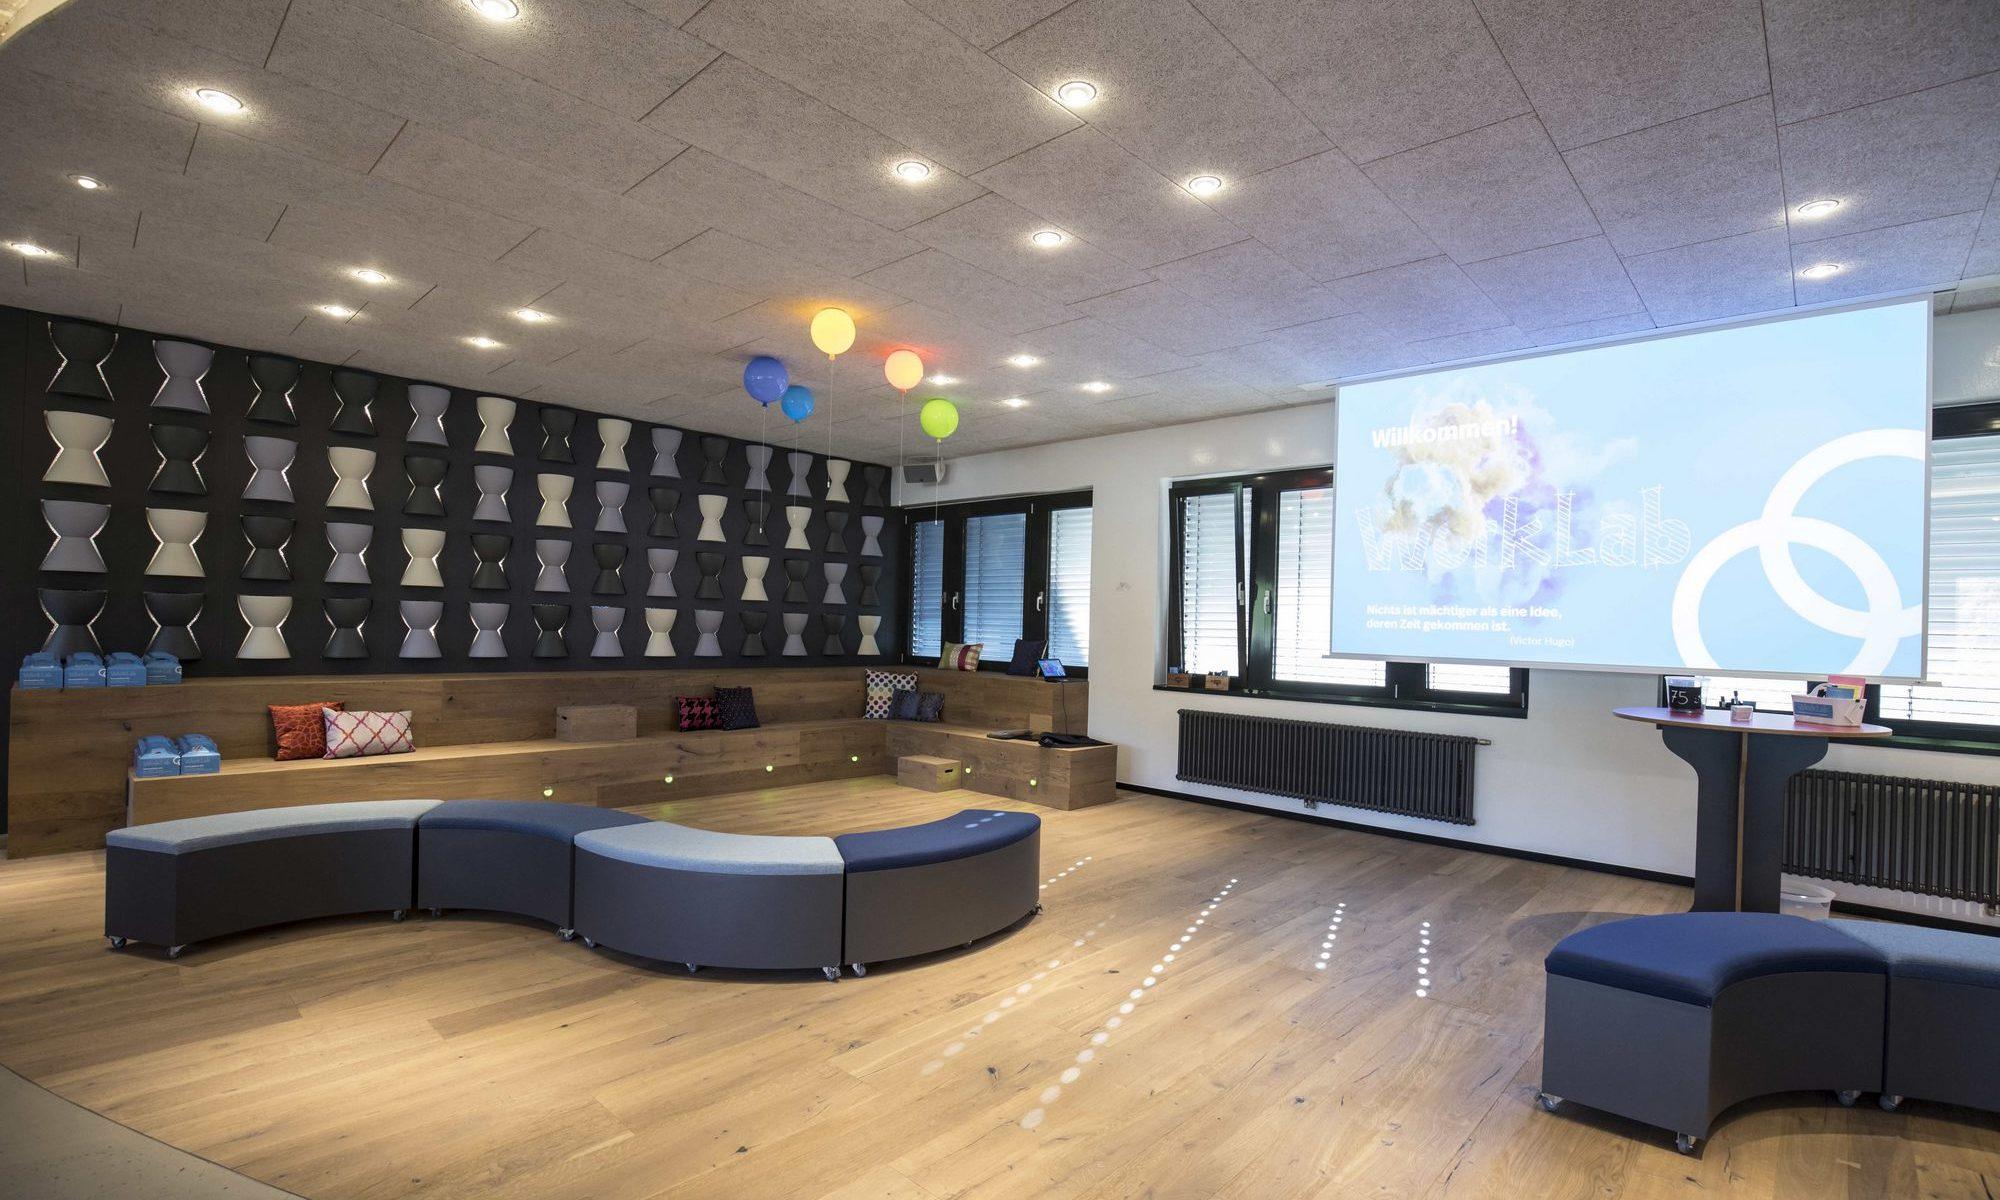 Foto von Innovationslabor (Bildquelle: Soennecken Worklab © Soennecken eG)